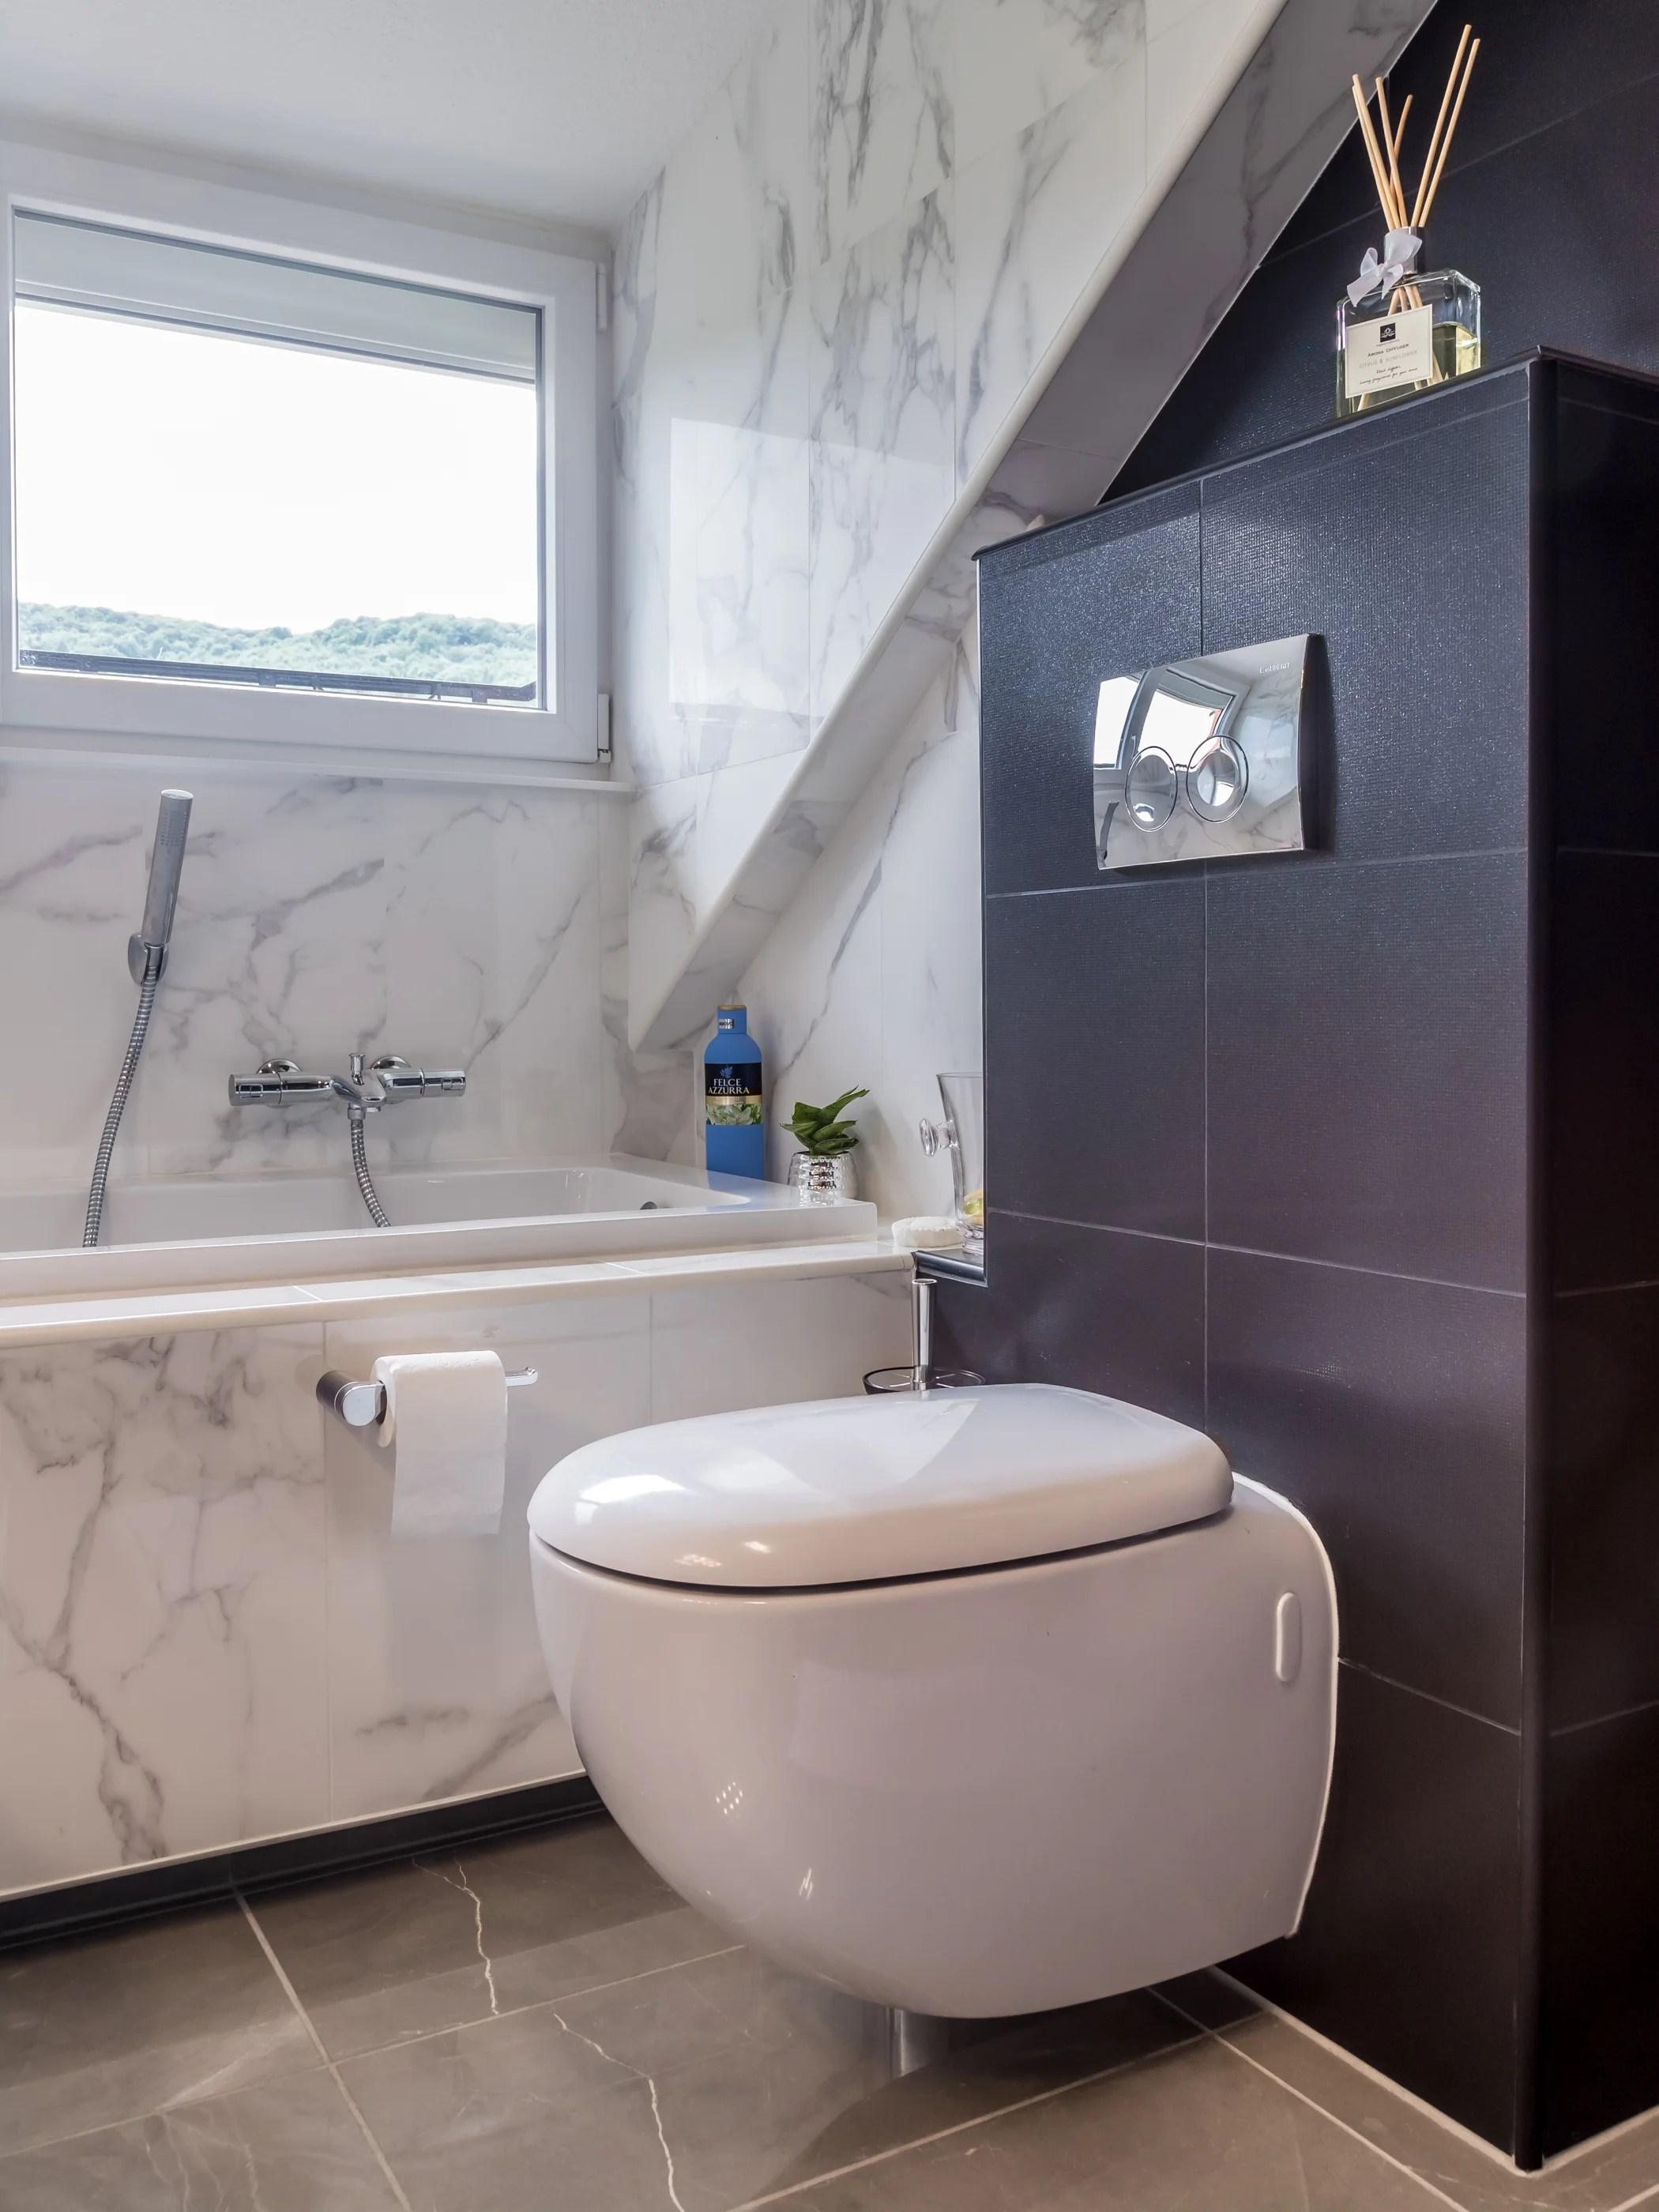 des carreaux de ciment dans les wc leroy merlin